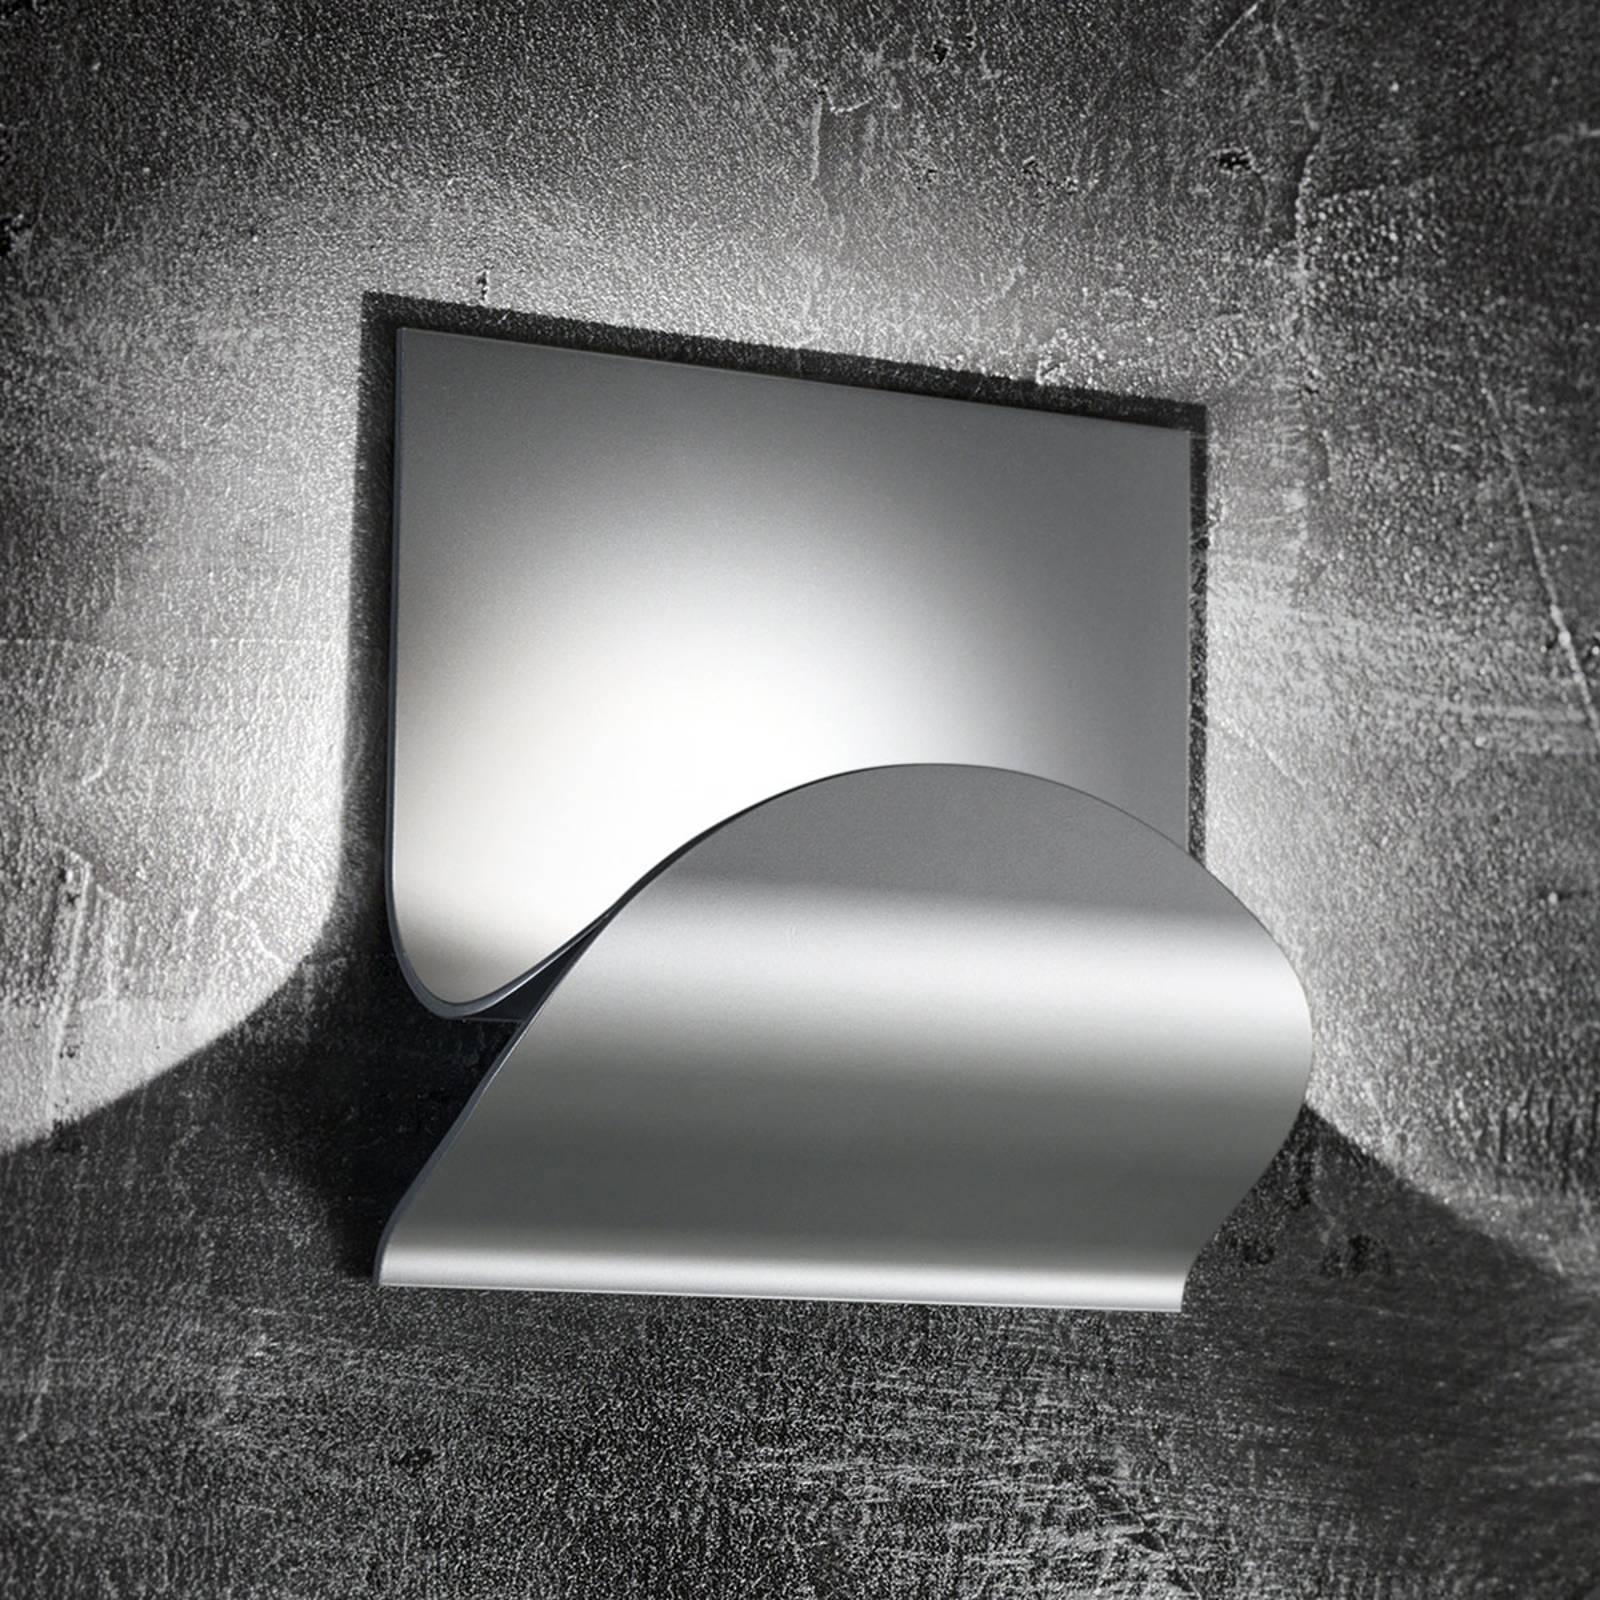 Cini&Nils Incontro applique LED argenté mat